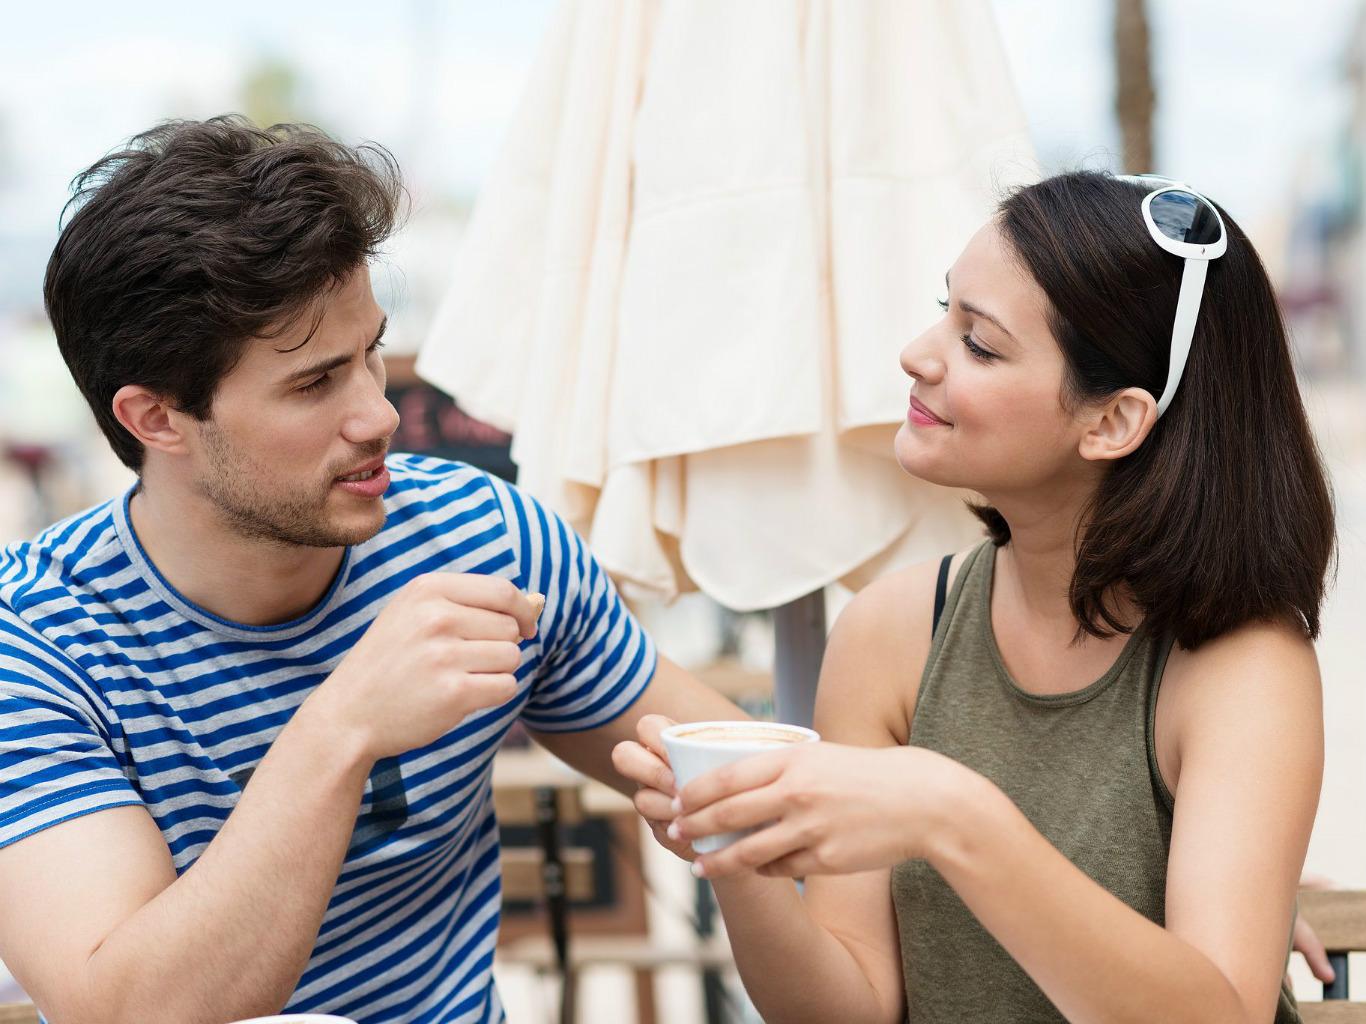 как подойти к девушке познакомиться в кафе